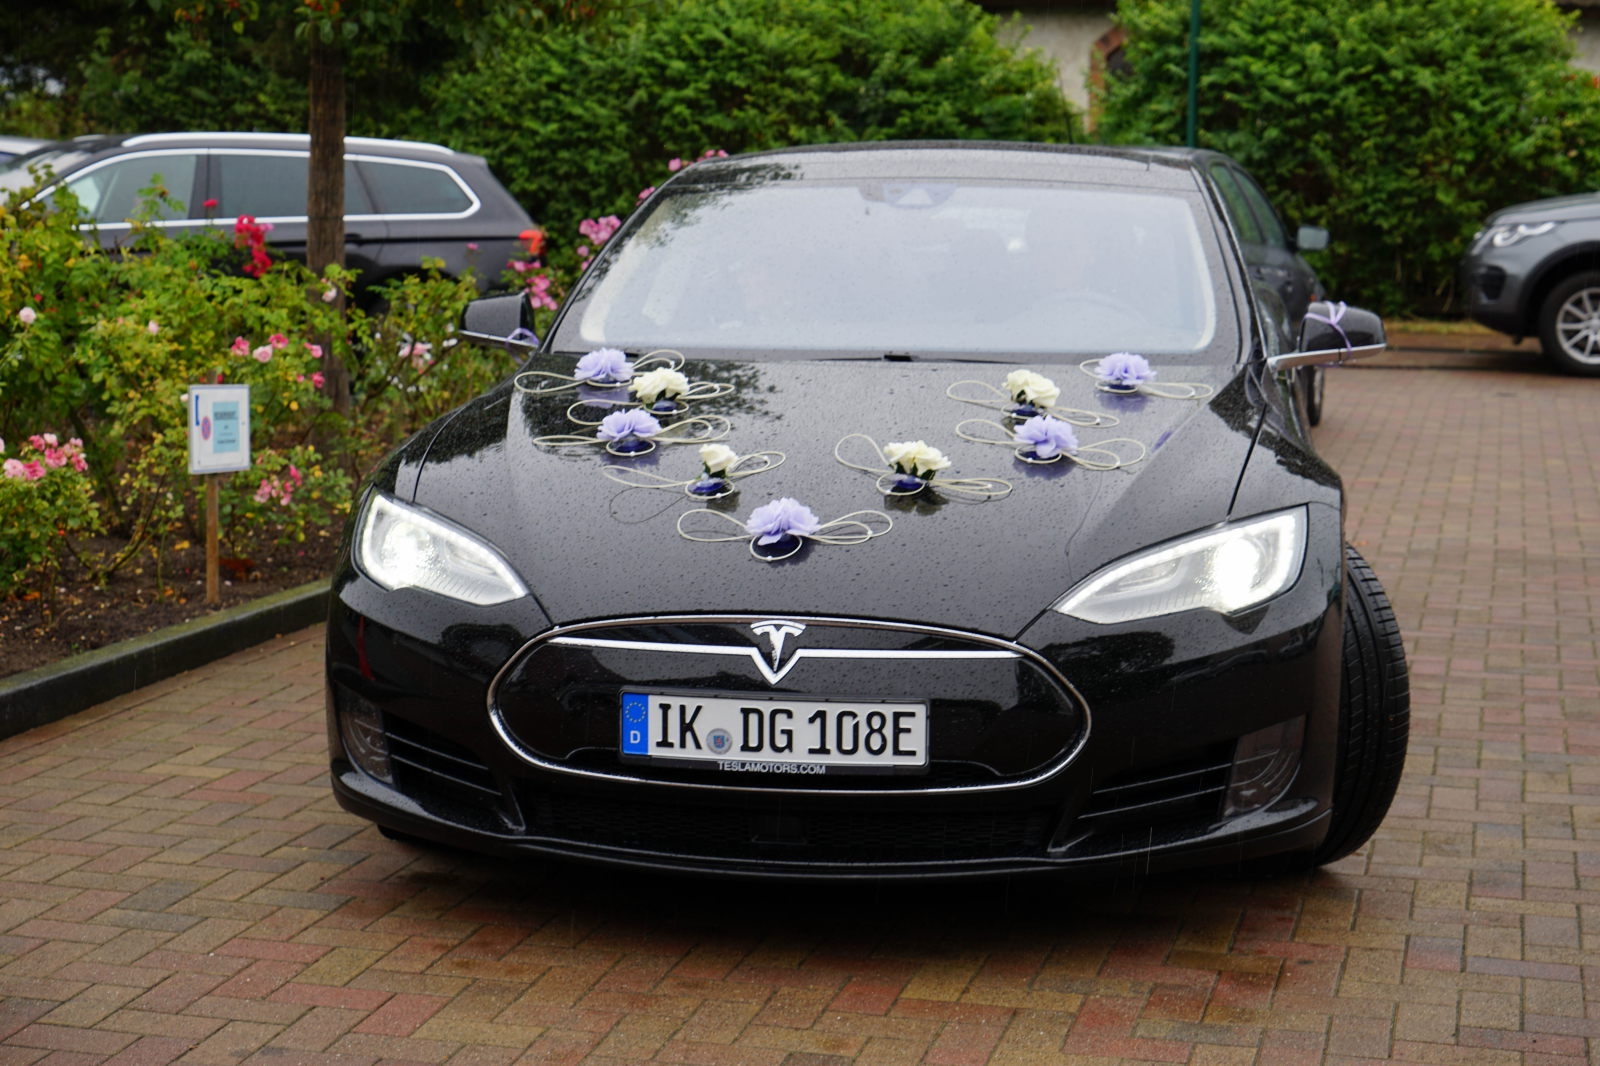 Mieten sie einen Tesla, das innovativste Auto der Welt. Auf Rügen in Binz, Bergen, Sellin, Göhren, Baabe, Sassnitz , Stralsund, Usedom oder dem Darß.